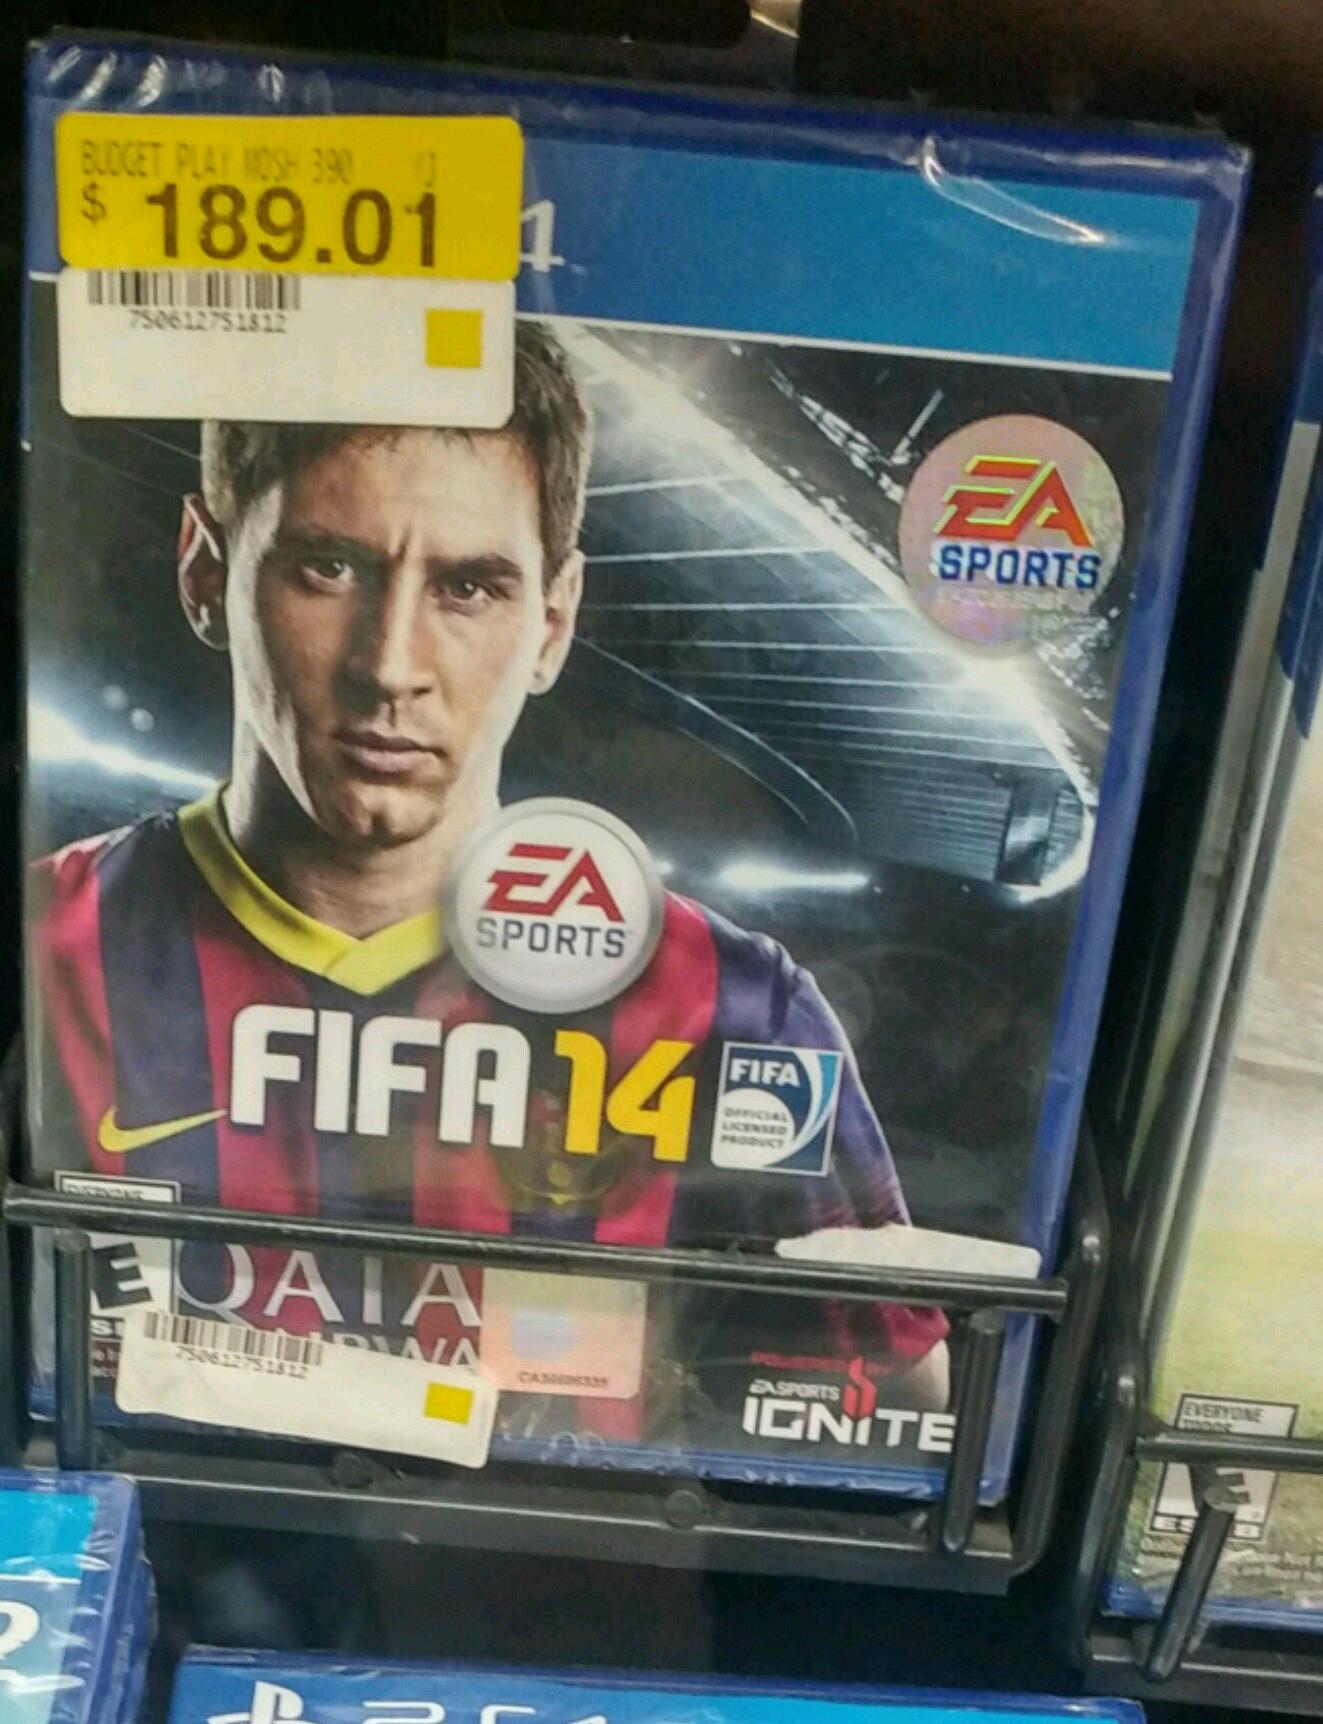 Bodega Aurrerá: liquidaciones de juegos PS4 4, Xbox 360,  electrónicos y más